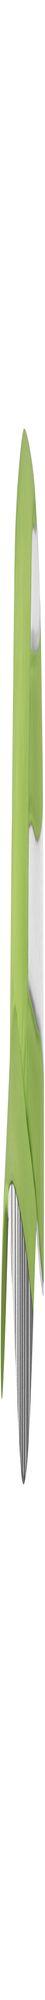 Бейсболка Ben Nevis, зеленое яблоко